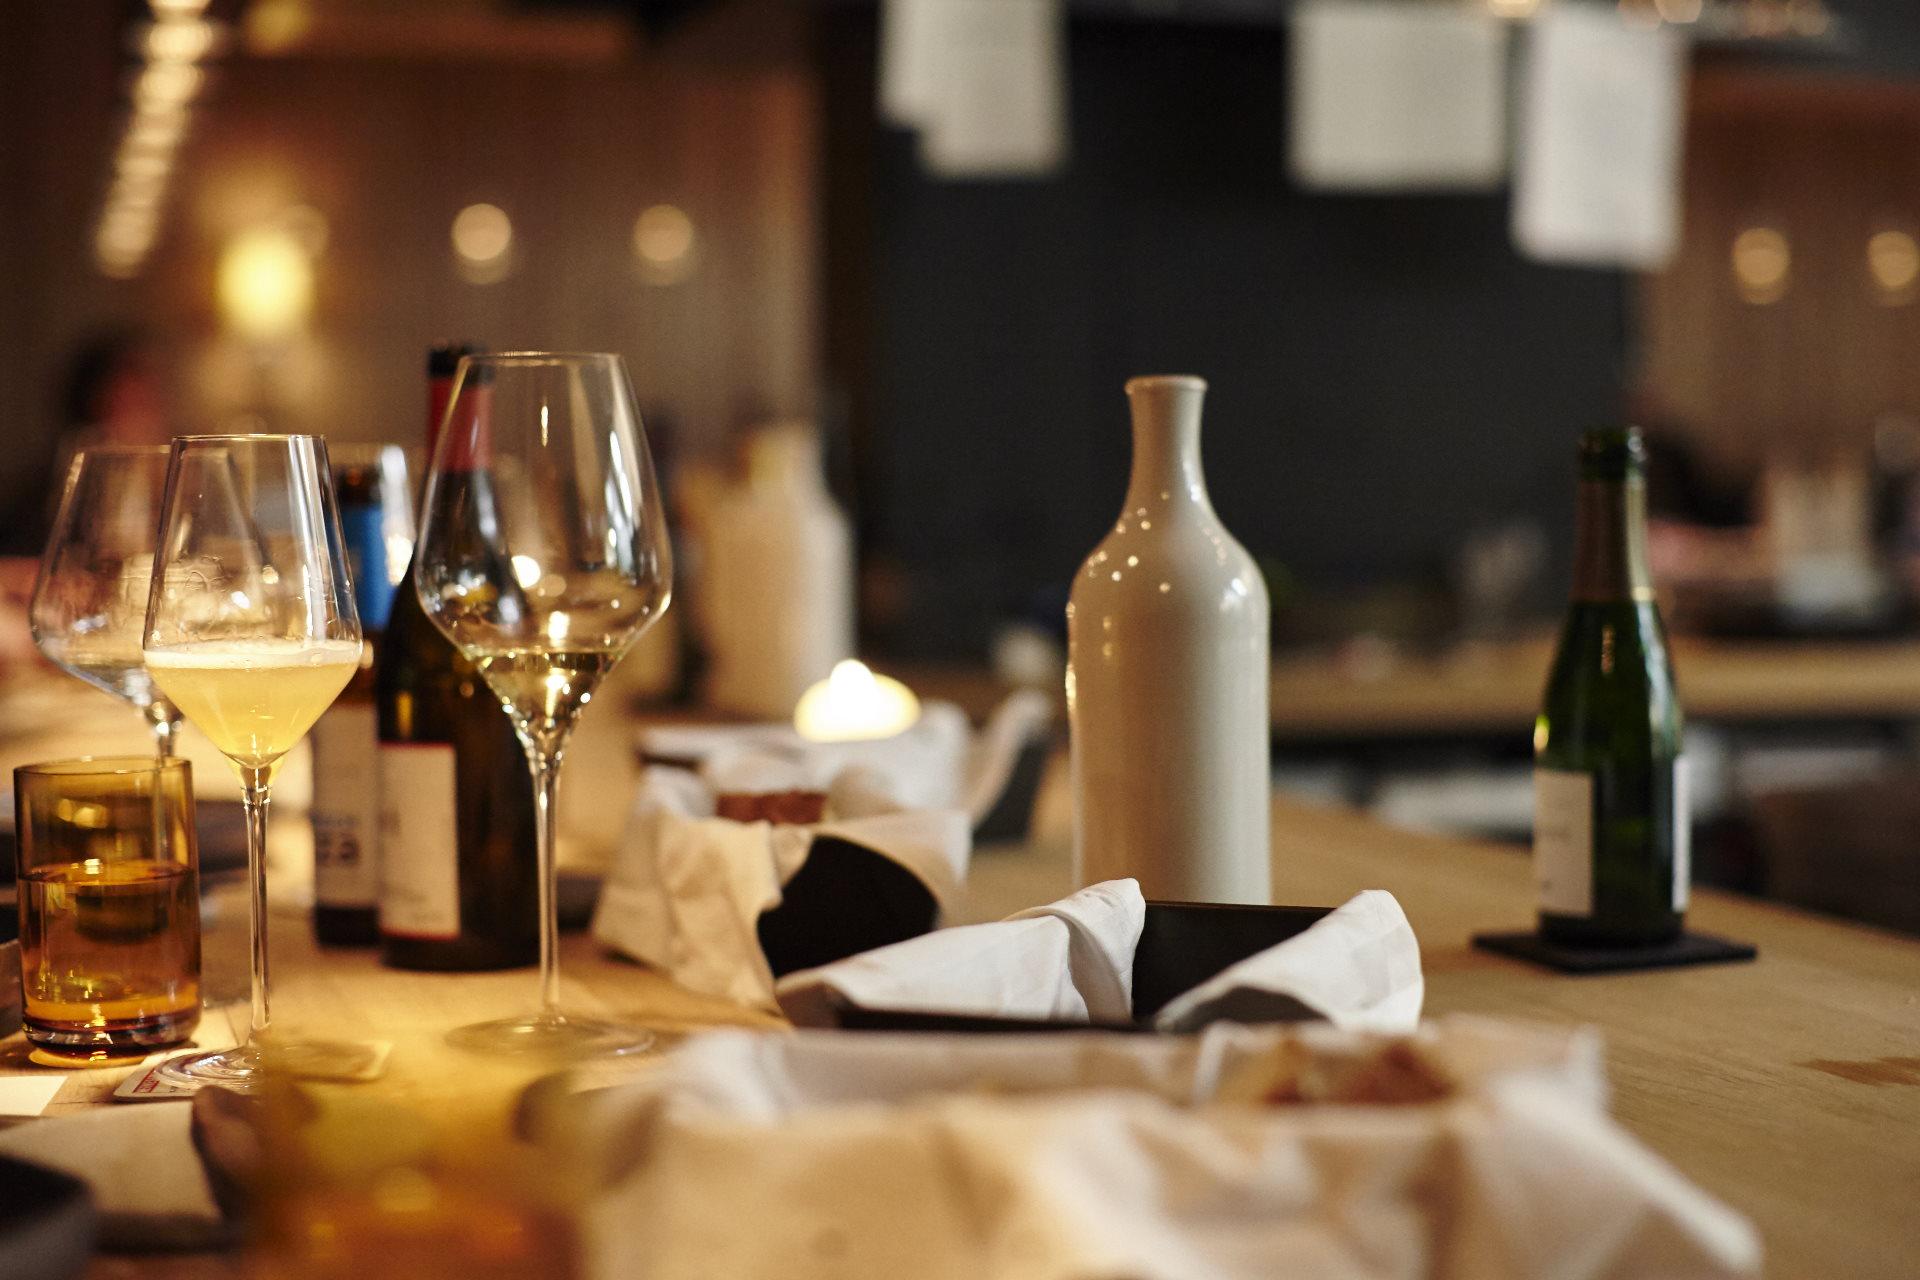 Pandemie der Ideen für Restaurants Corona Krise